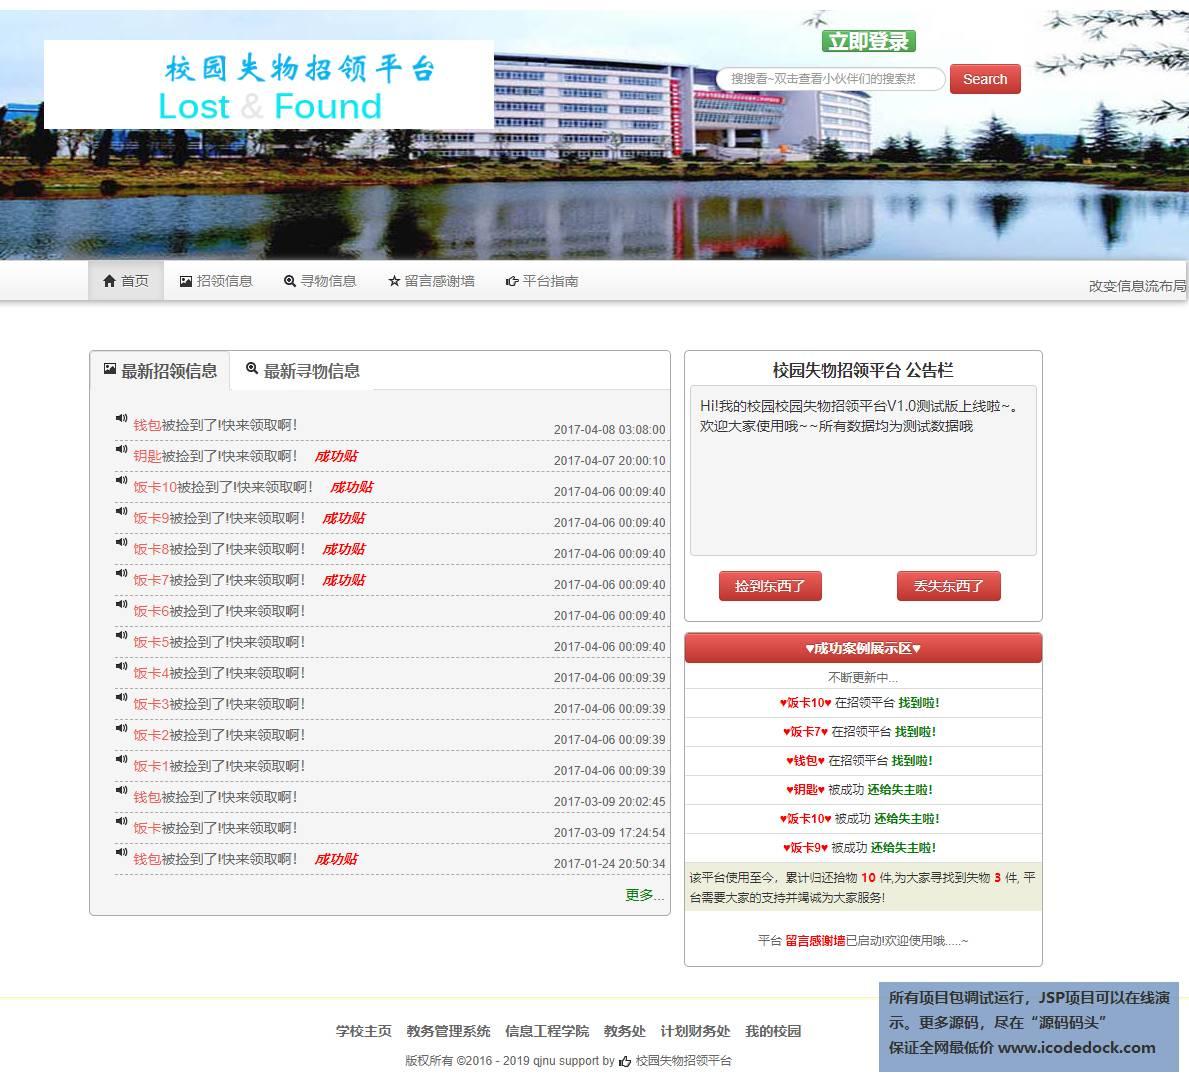 源码码头-SSH失物招领管理系统-用户角色-用户首页